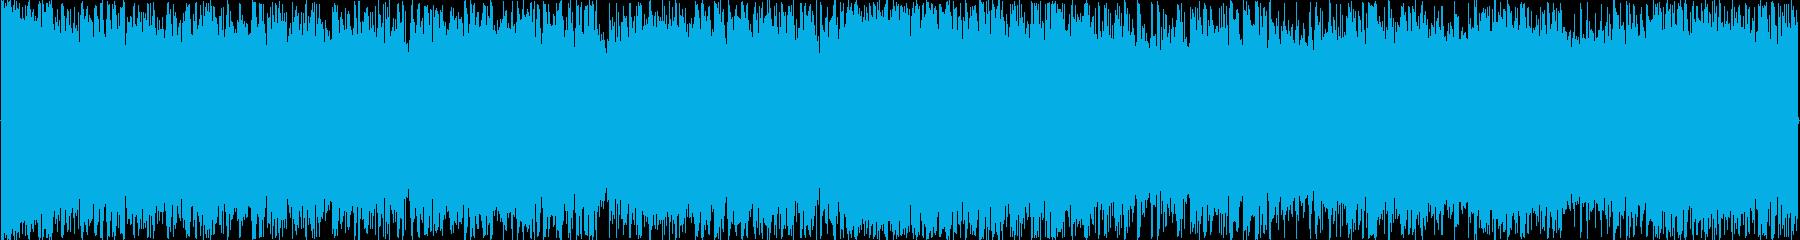 シンプルな疾走感溢れるロックループBGMの再生済みの波形